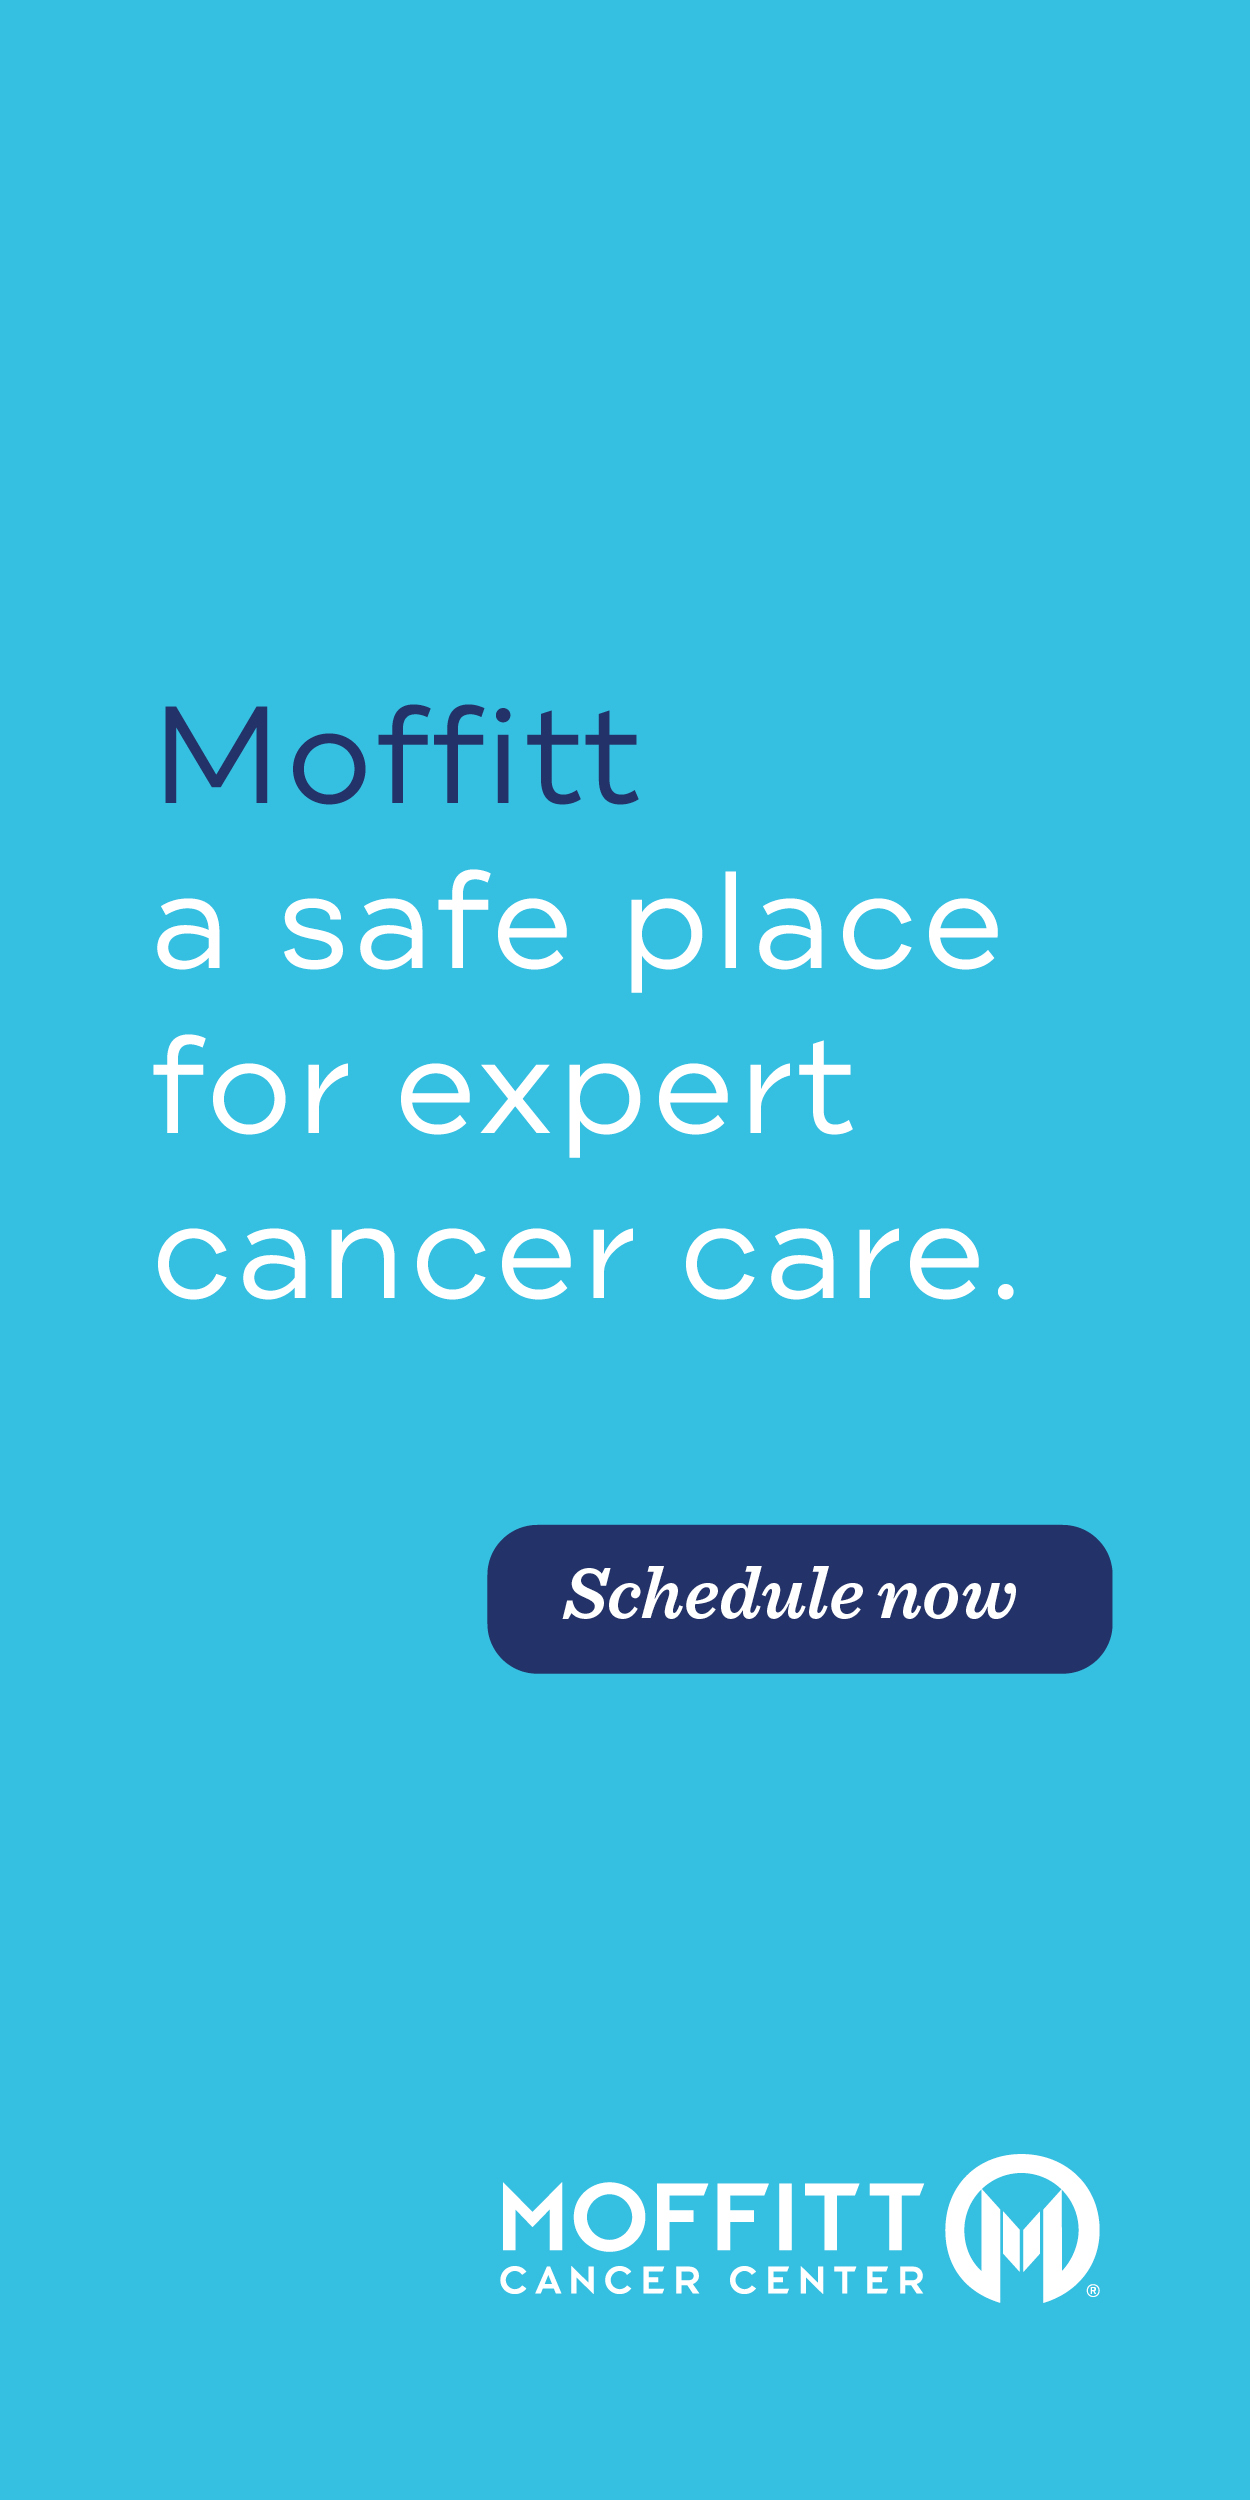 Moffitt COVID-19